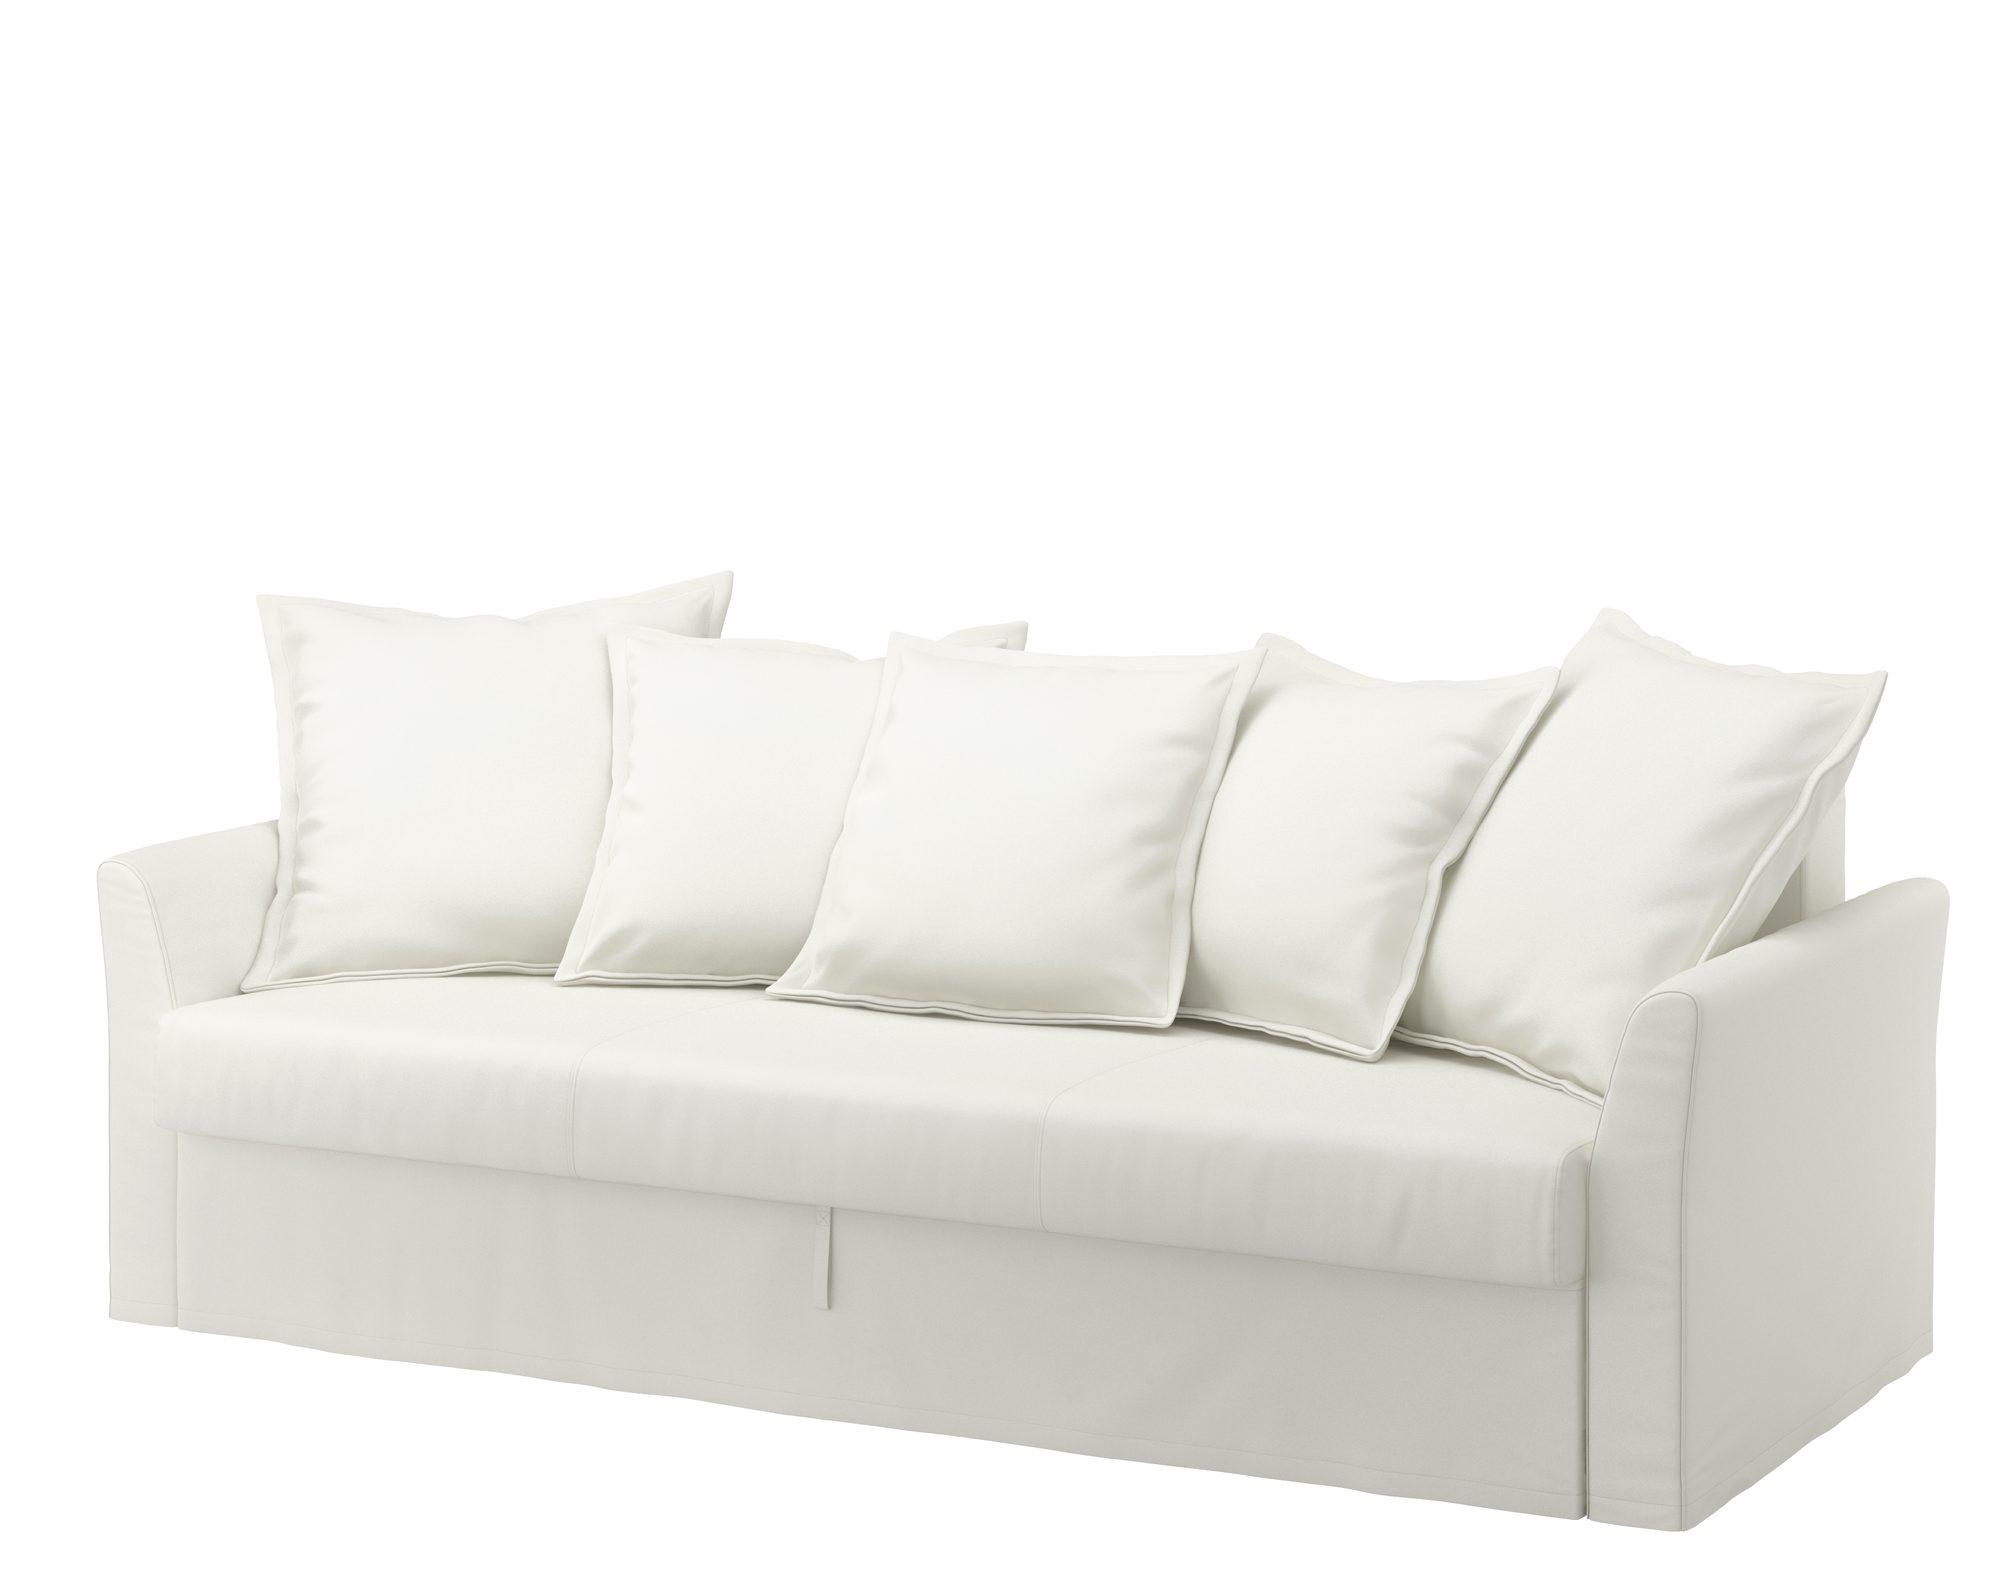 Holmsund, 3-seters sovesofa, kr 4995, fra Ikea.